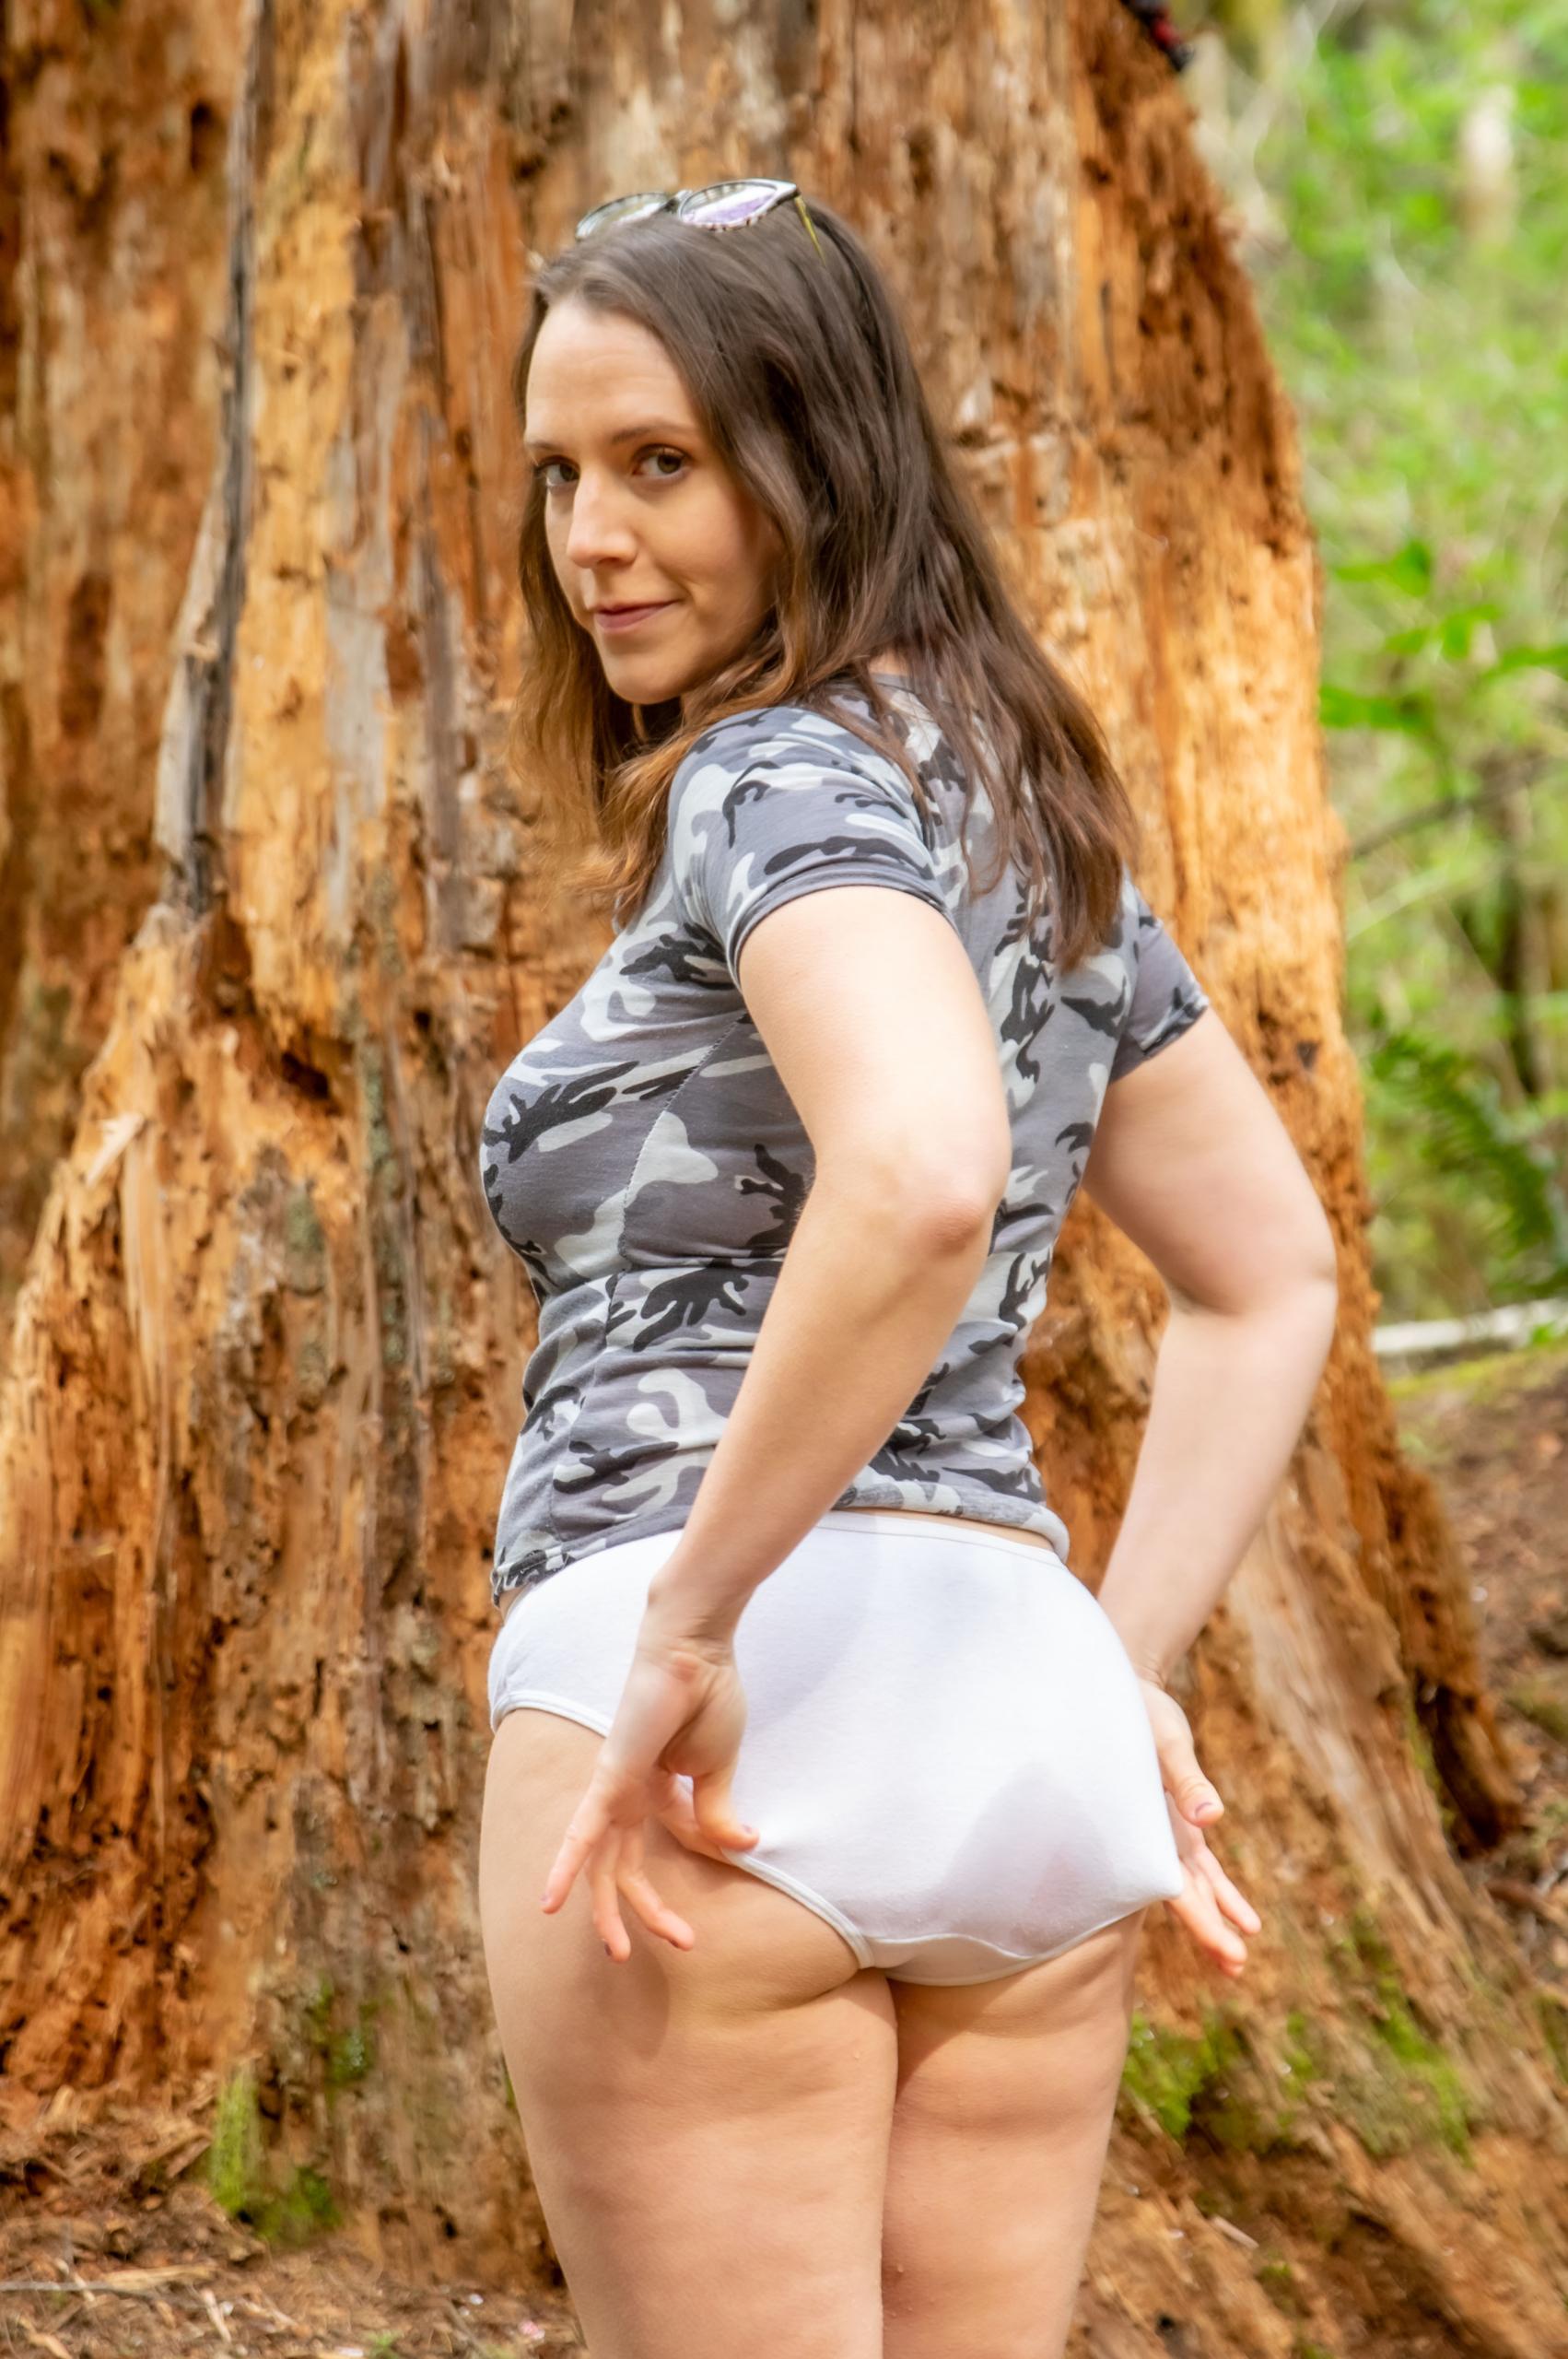 Alisha shows off her ass in her wet panties.